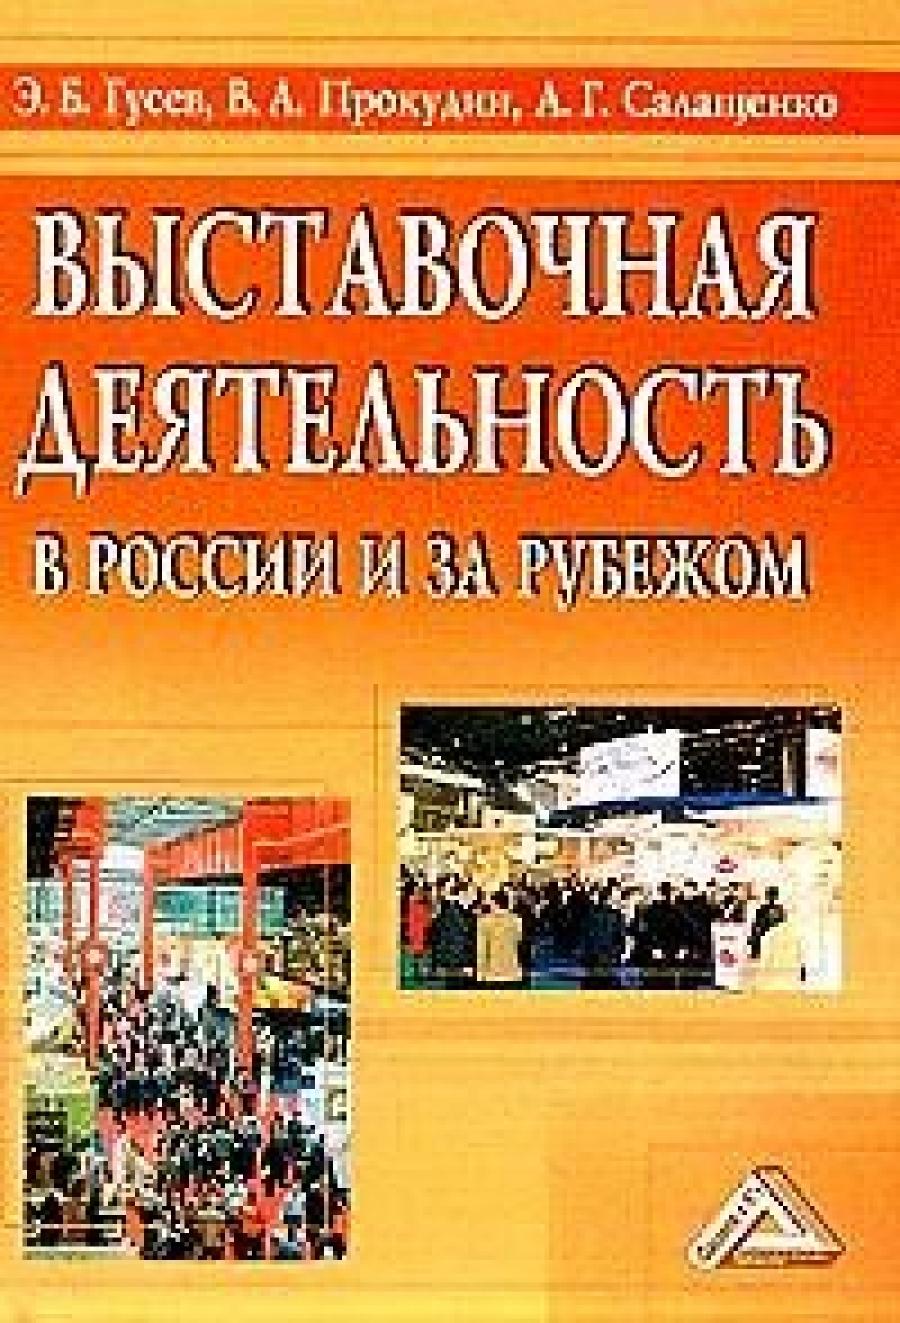 Обложка книги:  гусев э.б., прокудин в.а., салащенко а.г. - выставочная деятельность в россии и за рубежом